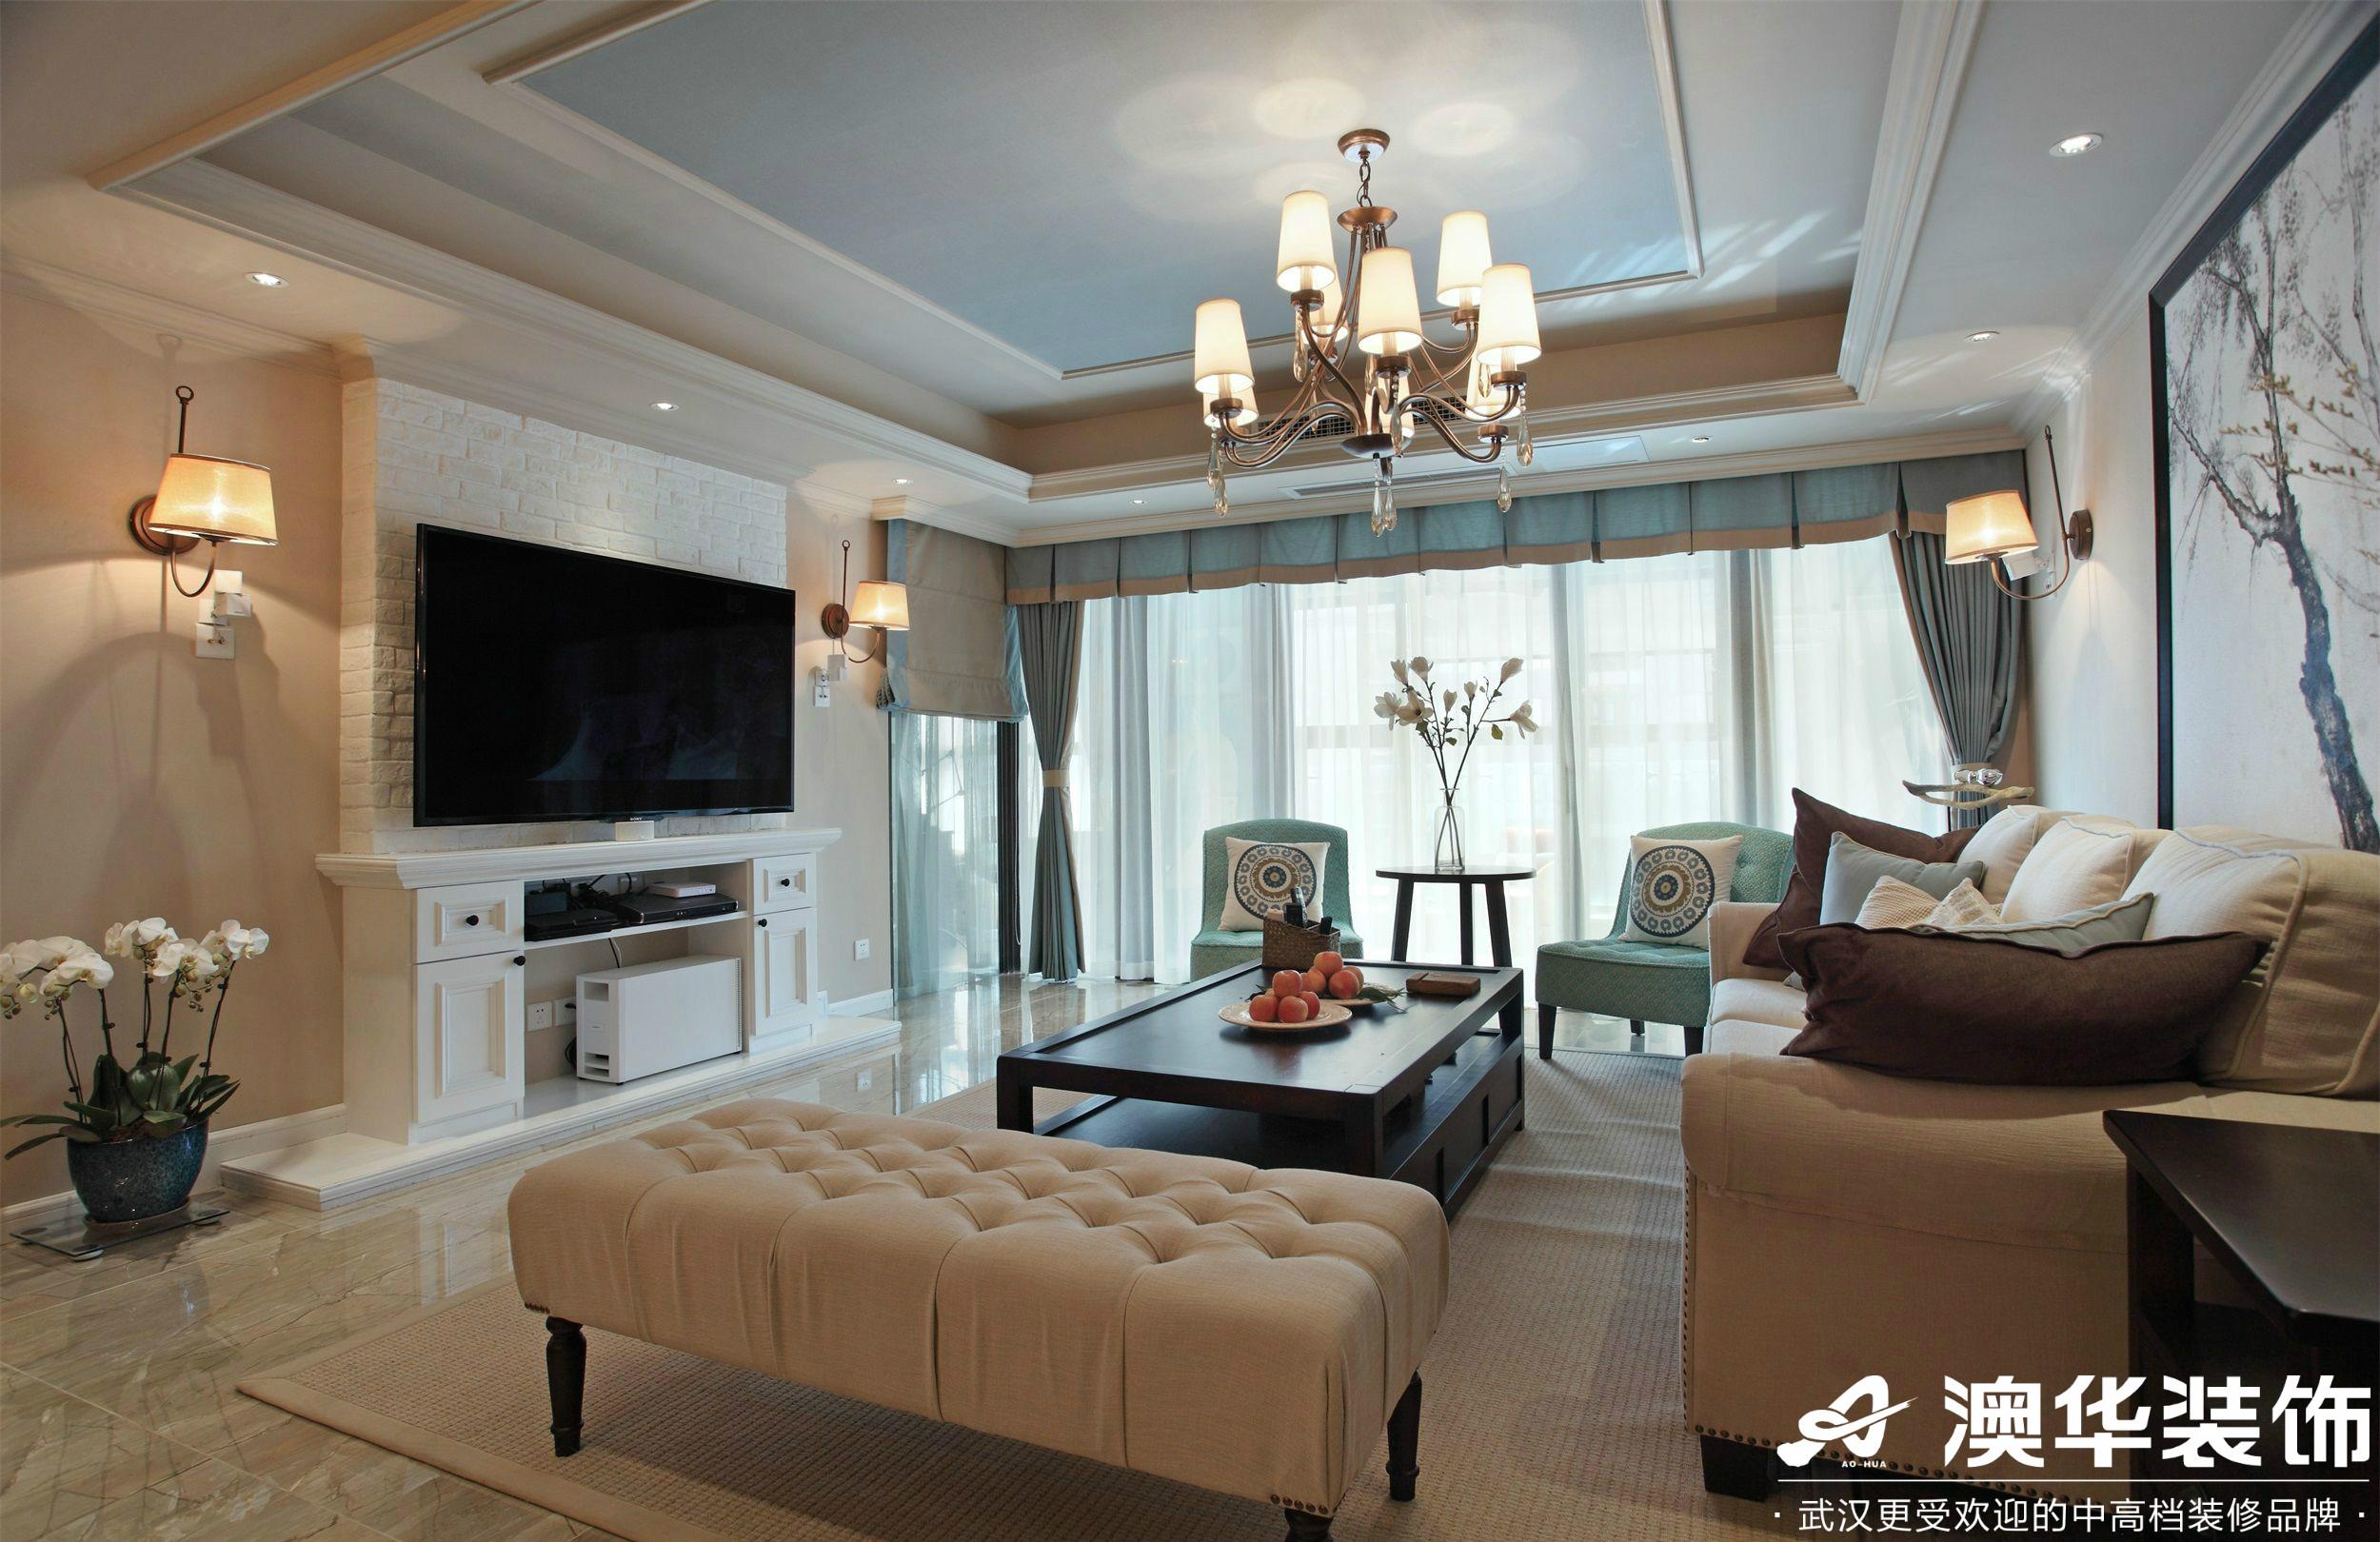 客厅图片来自澳华装饰有限公司在联投广场美式风格的分享